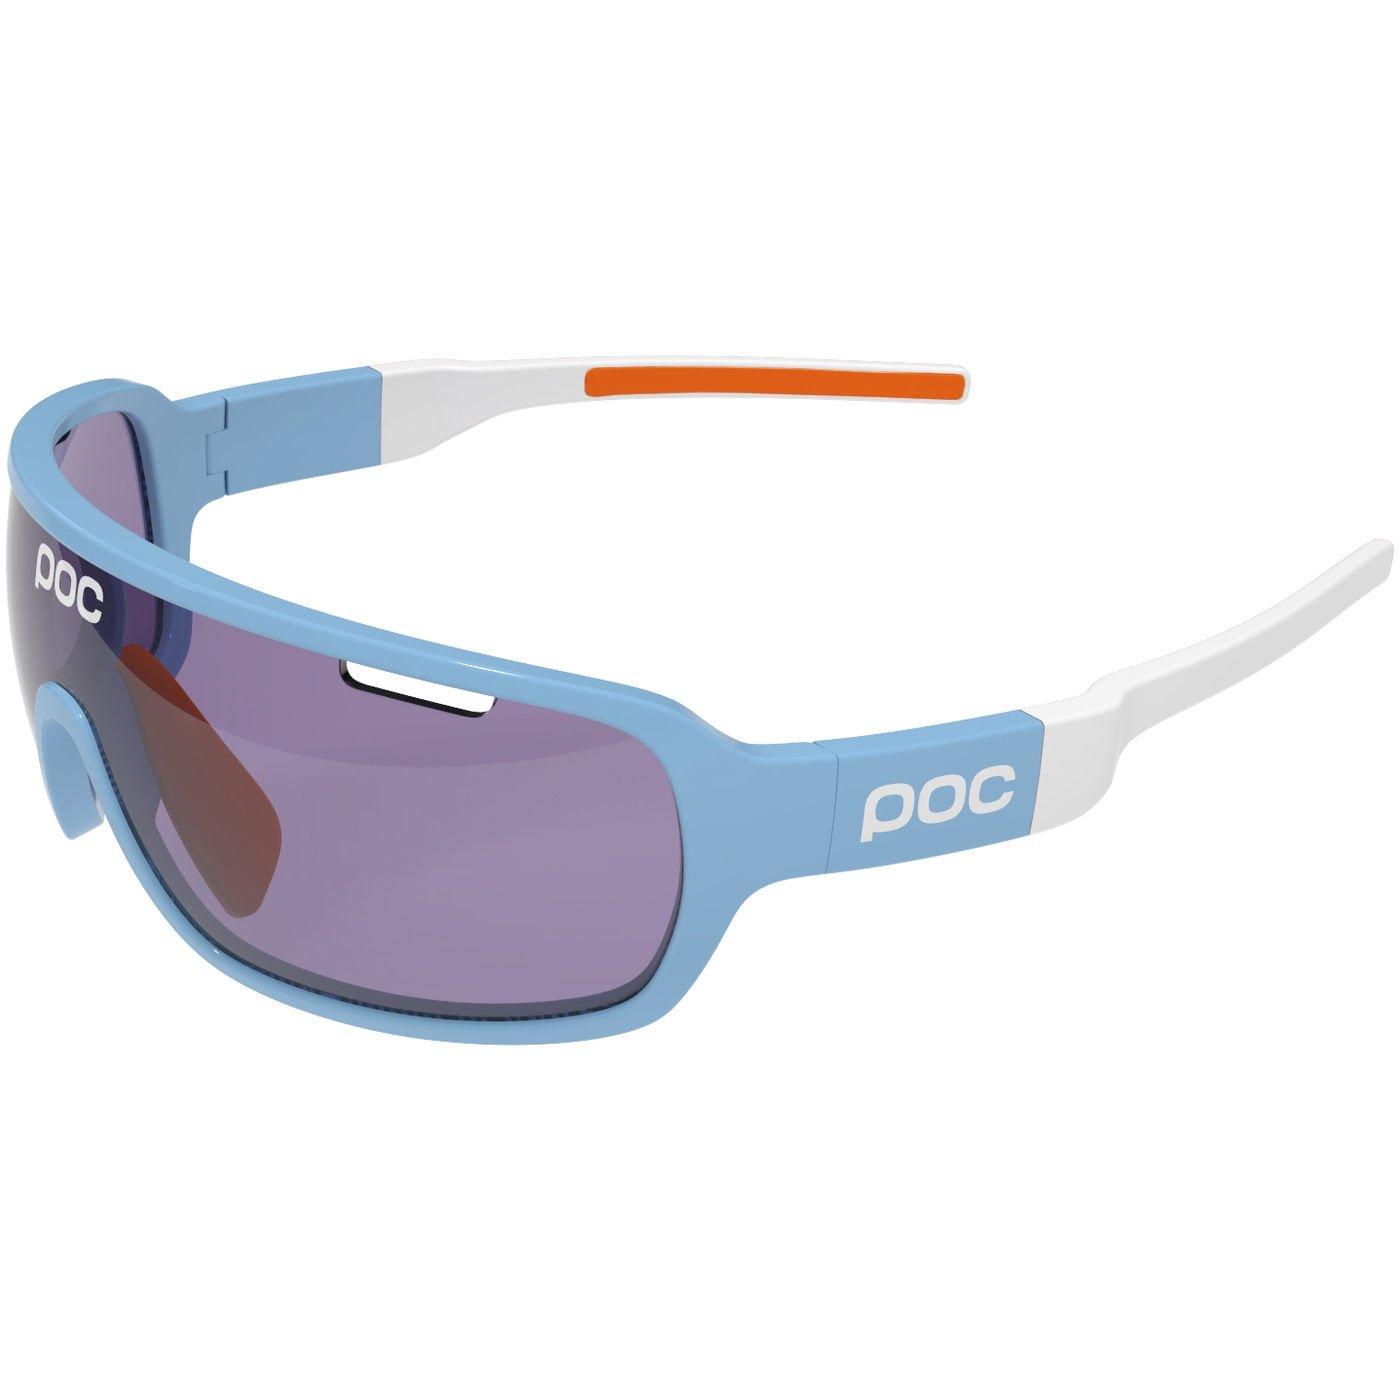 Gafas de sol o máscara de ventisca? - snowtips - Nevasport.com